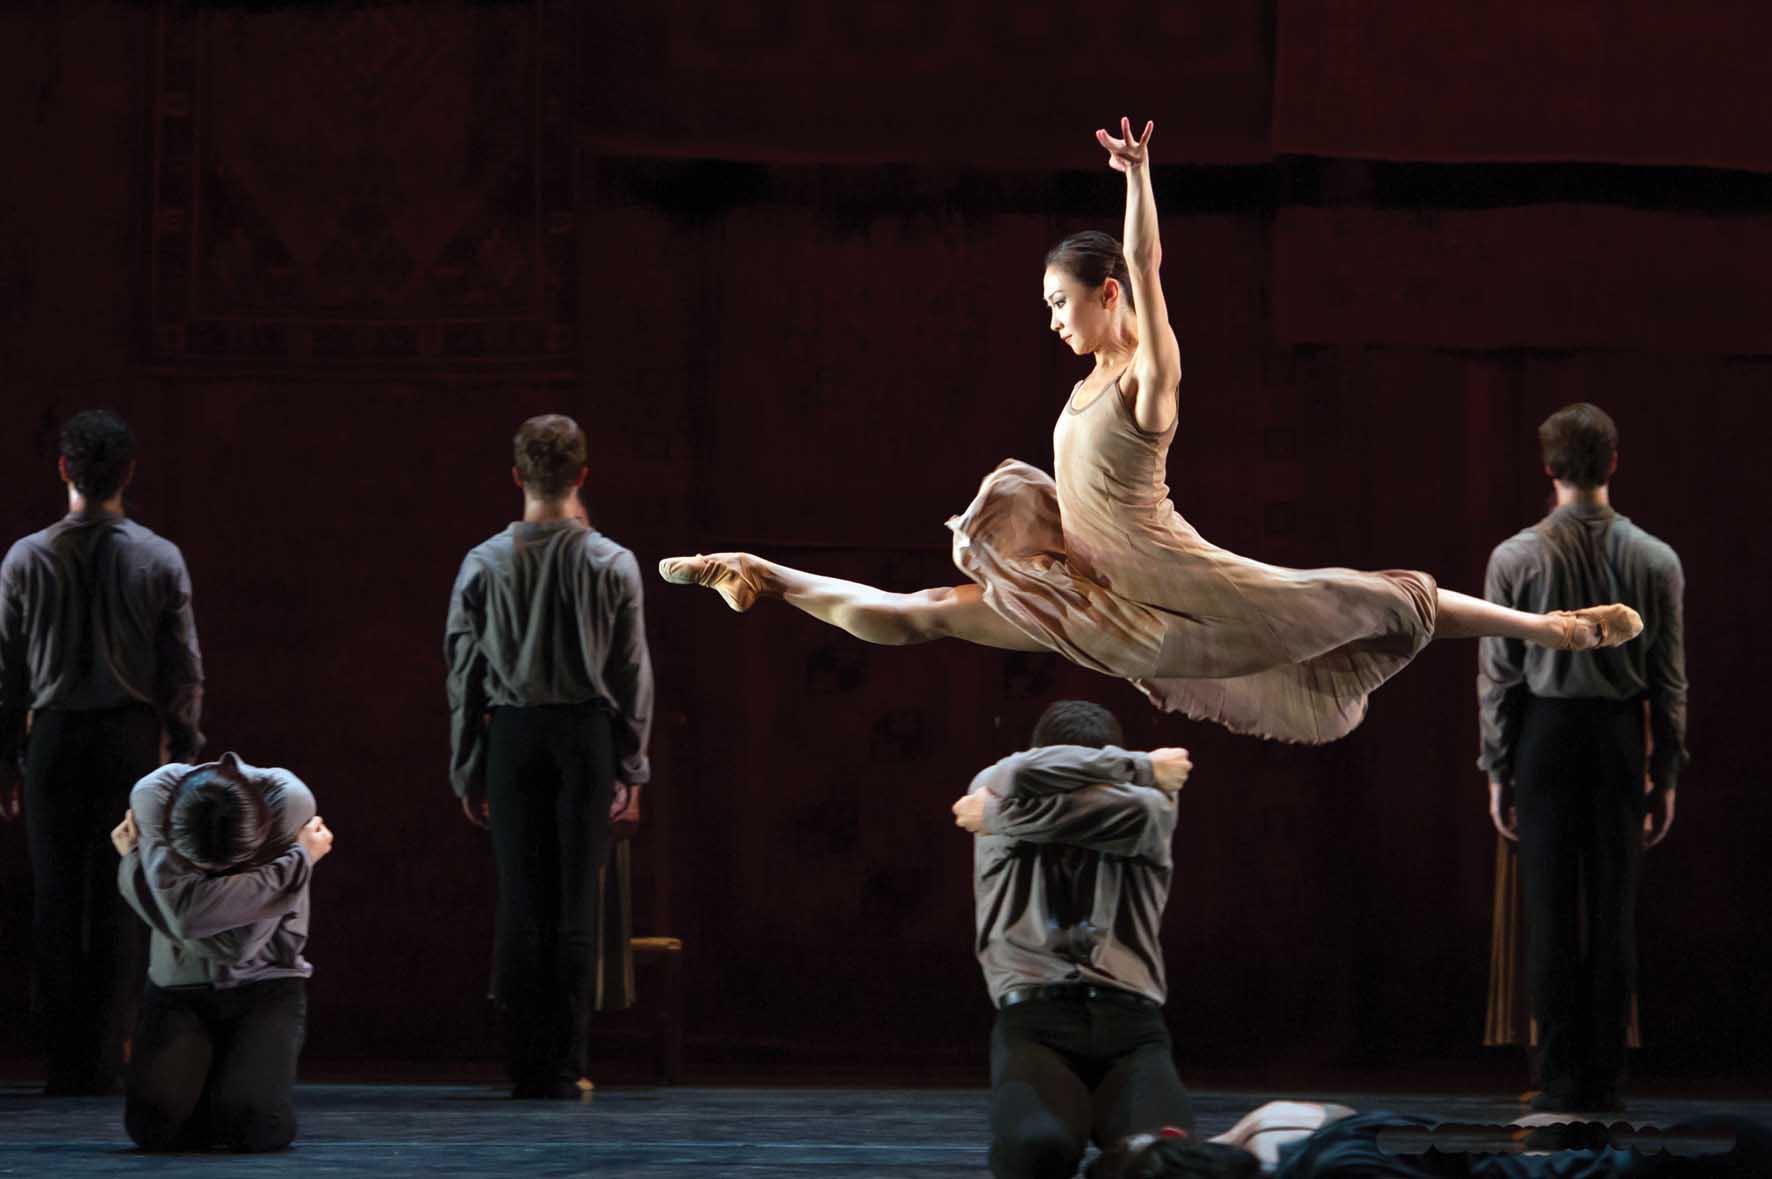 teatro ristori stagione danza Symphonie de psaumes938 1